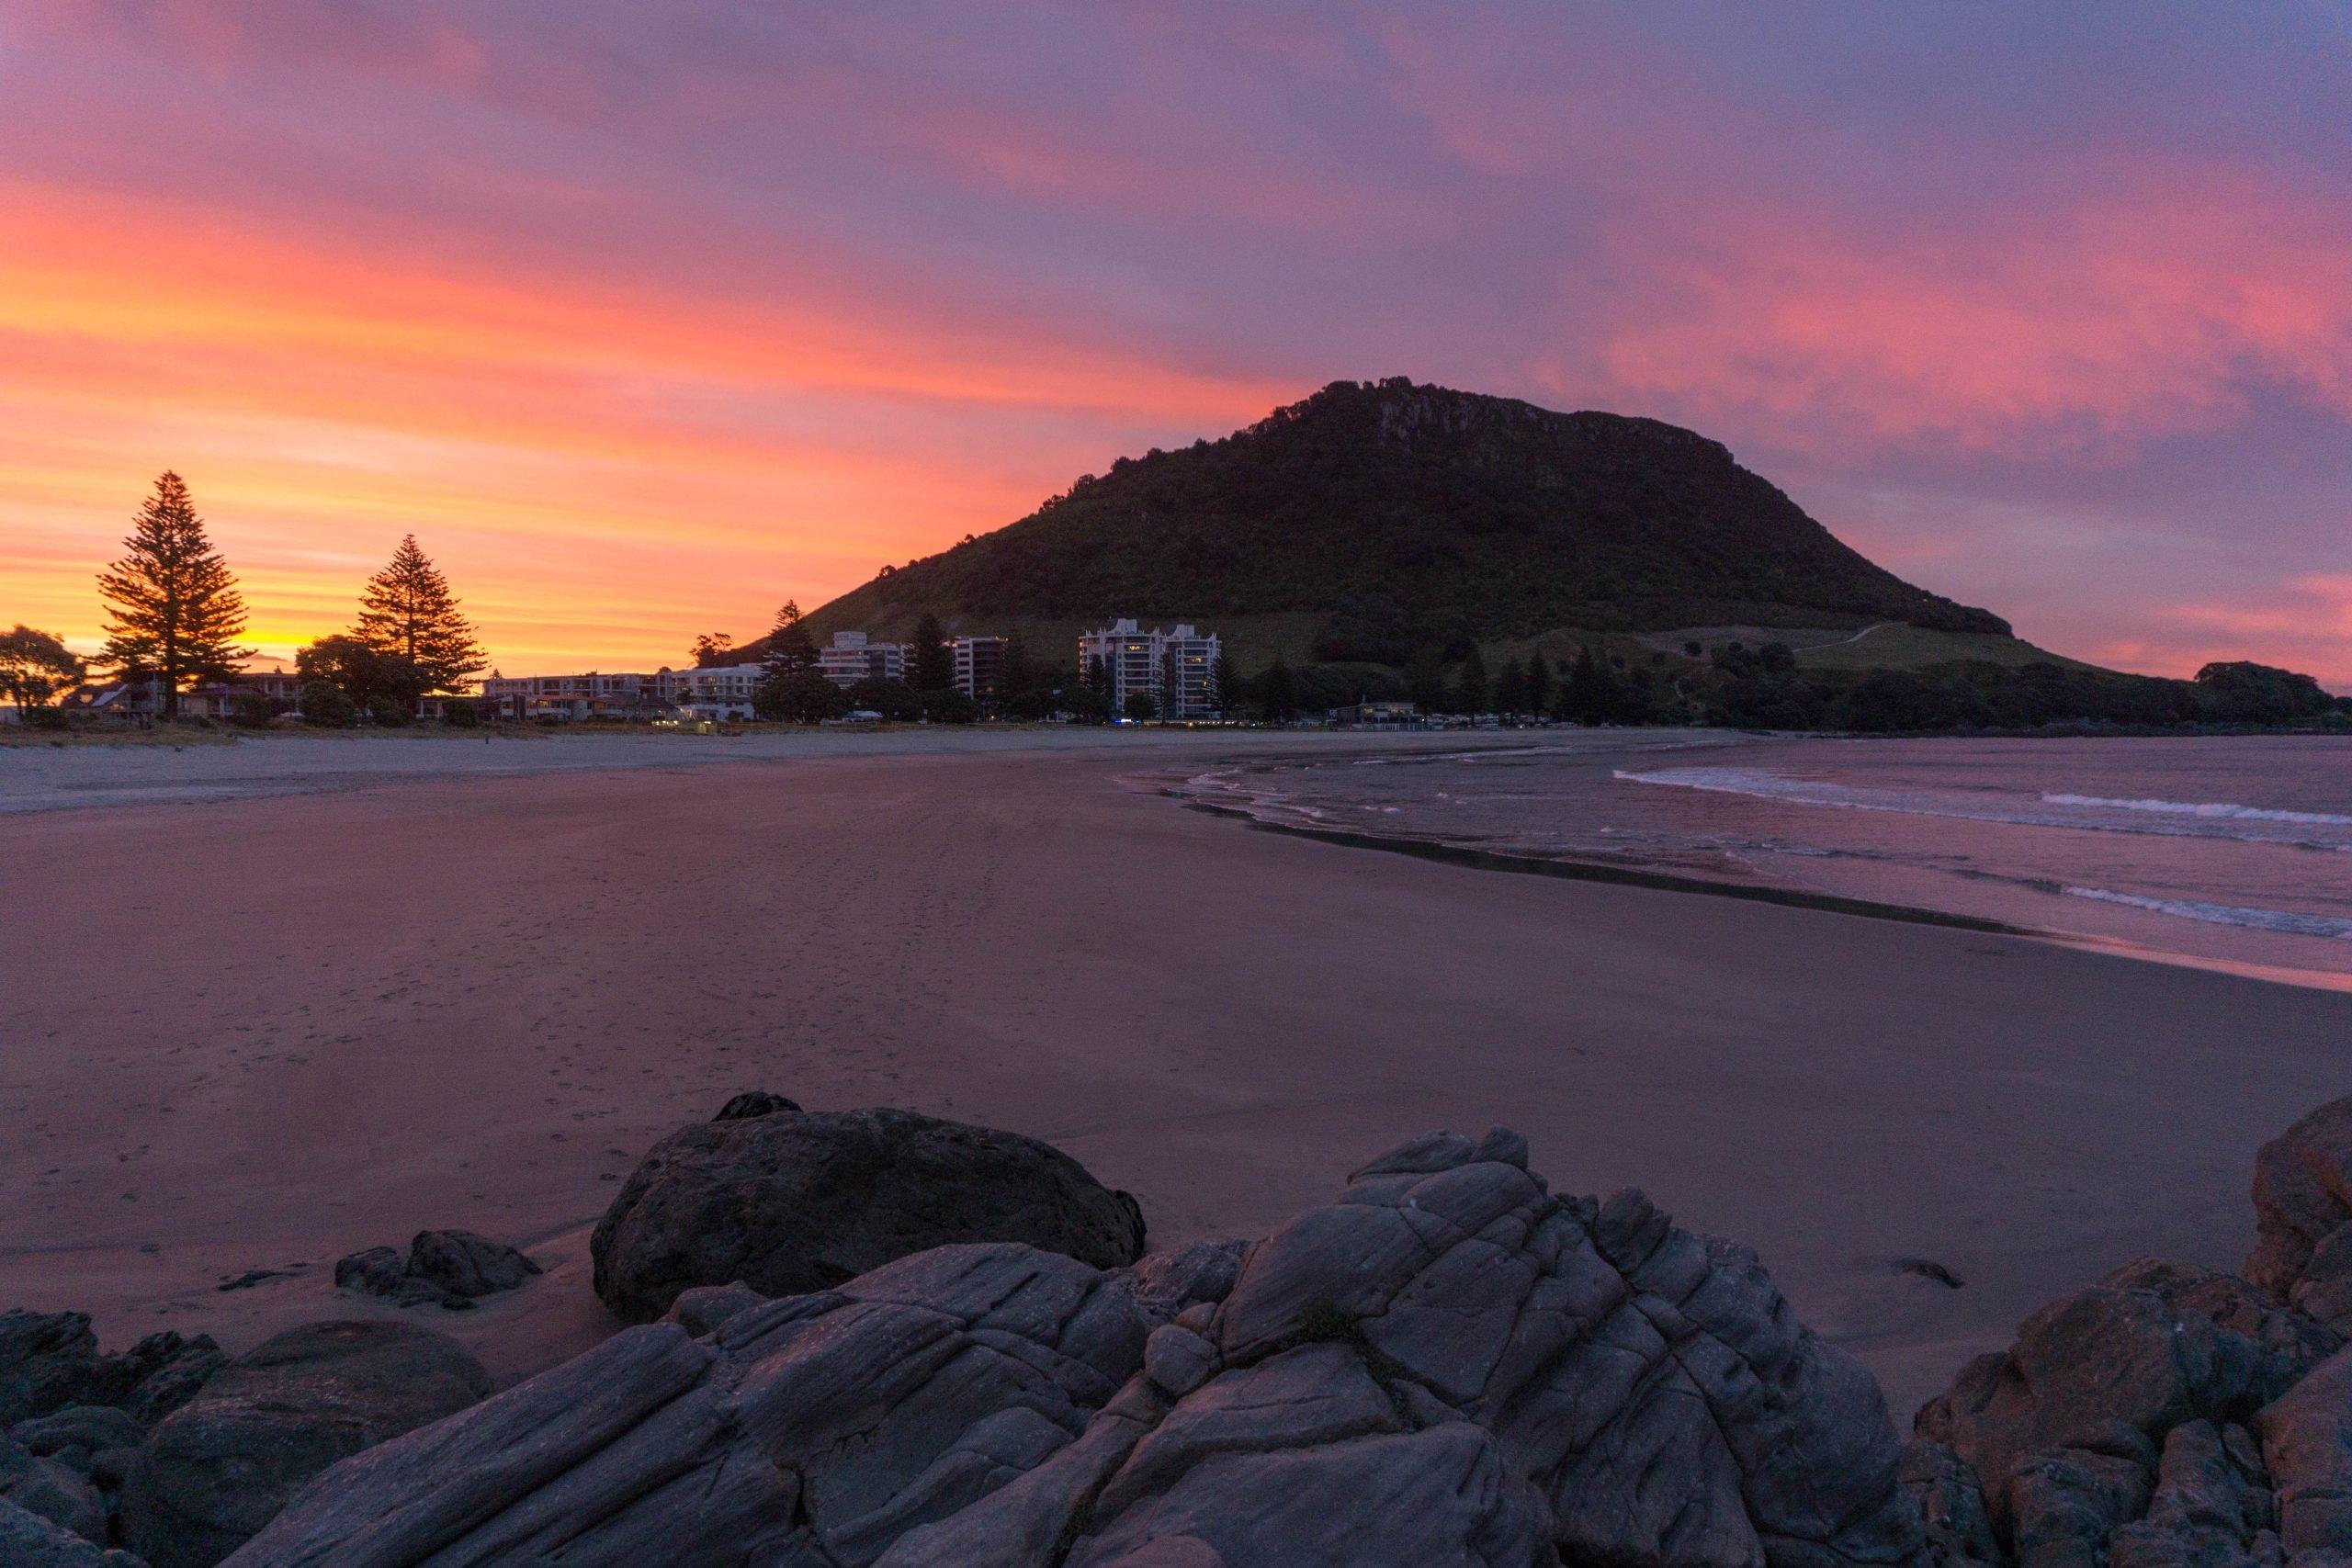 Mount Maunganui beach sunset